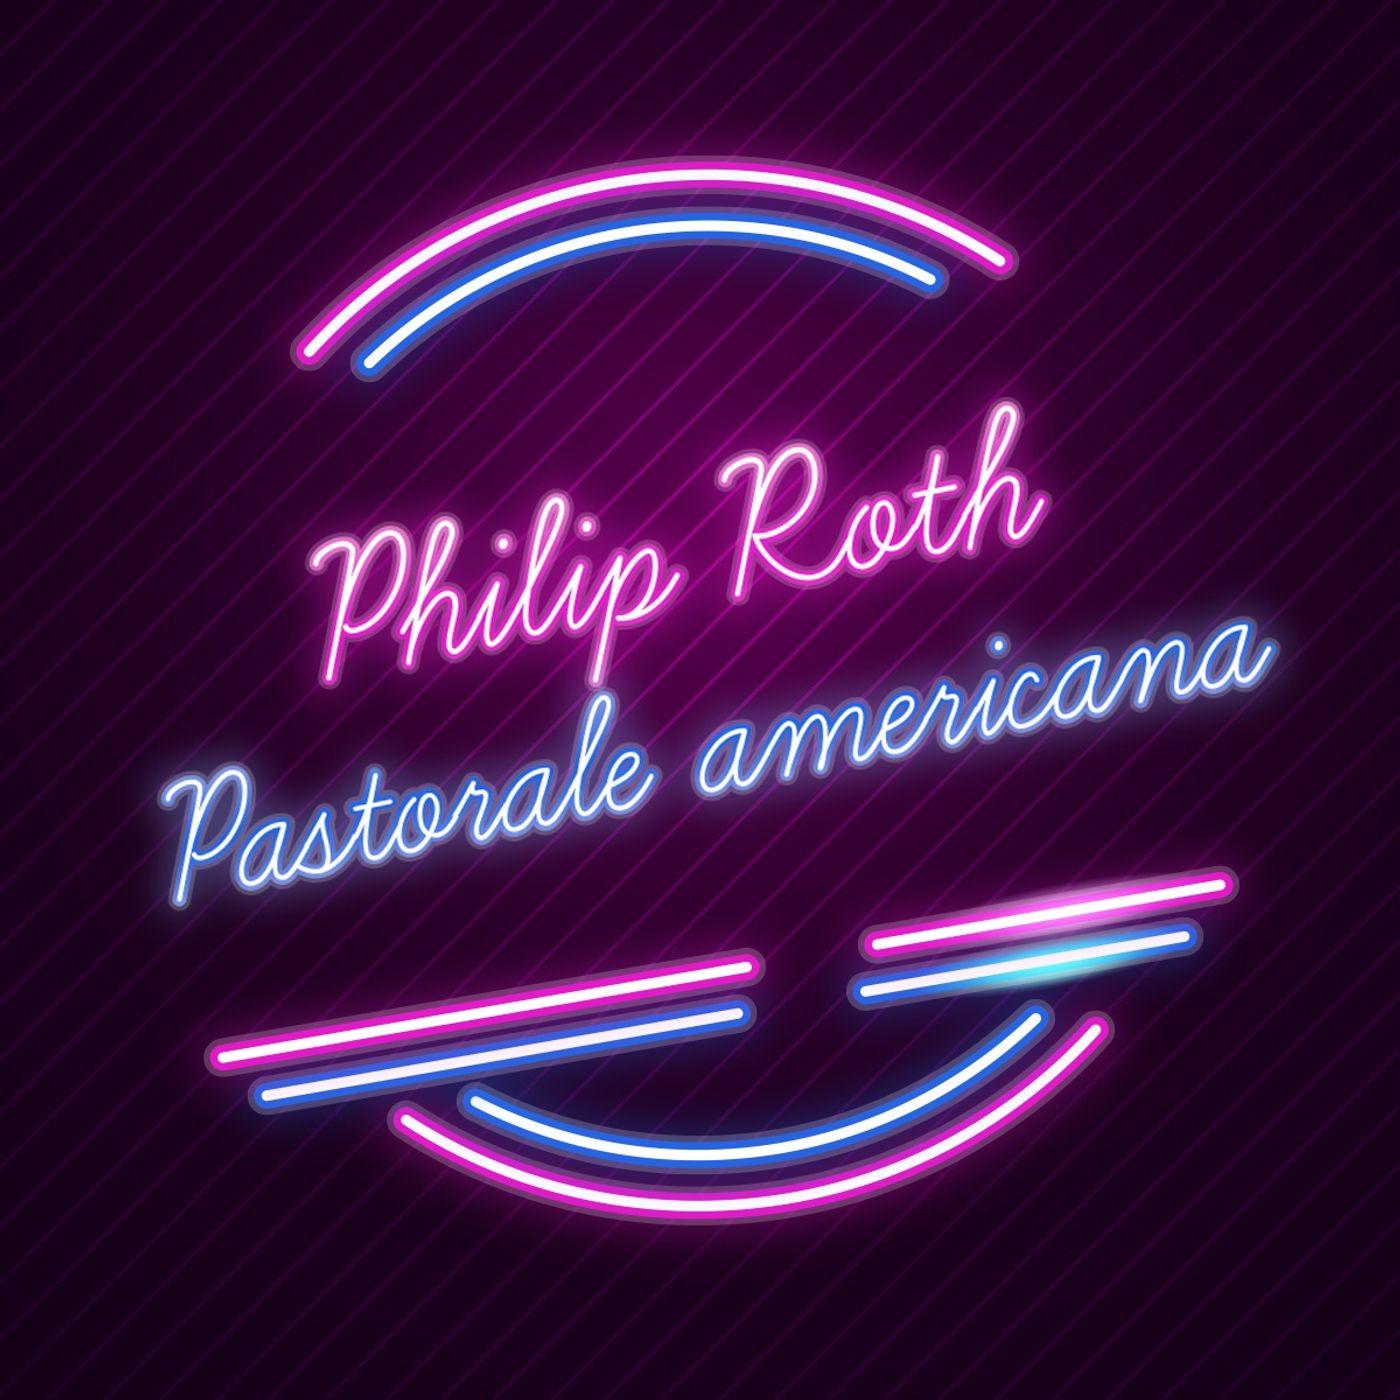 Pastorale americana di Philip Roth raccontato da Alessandro Baricco